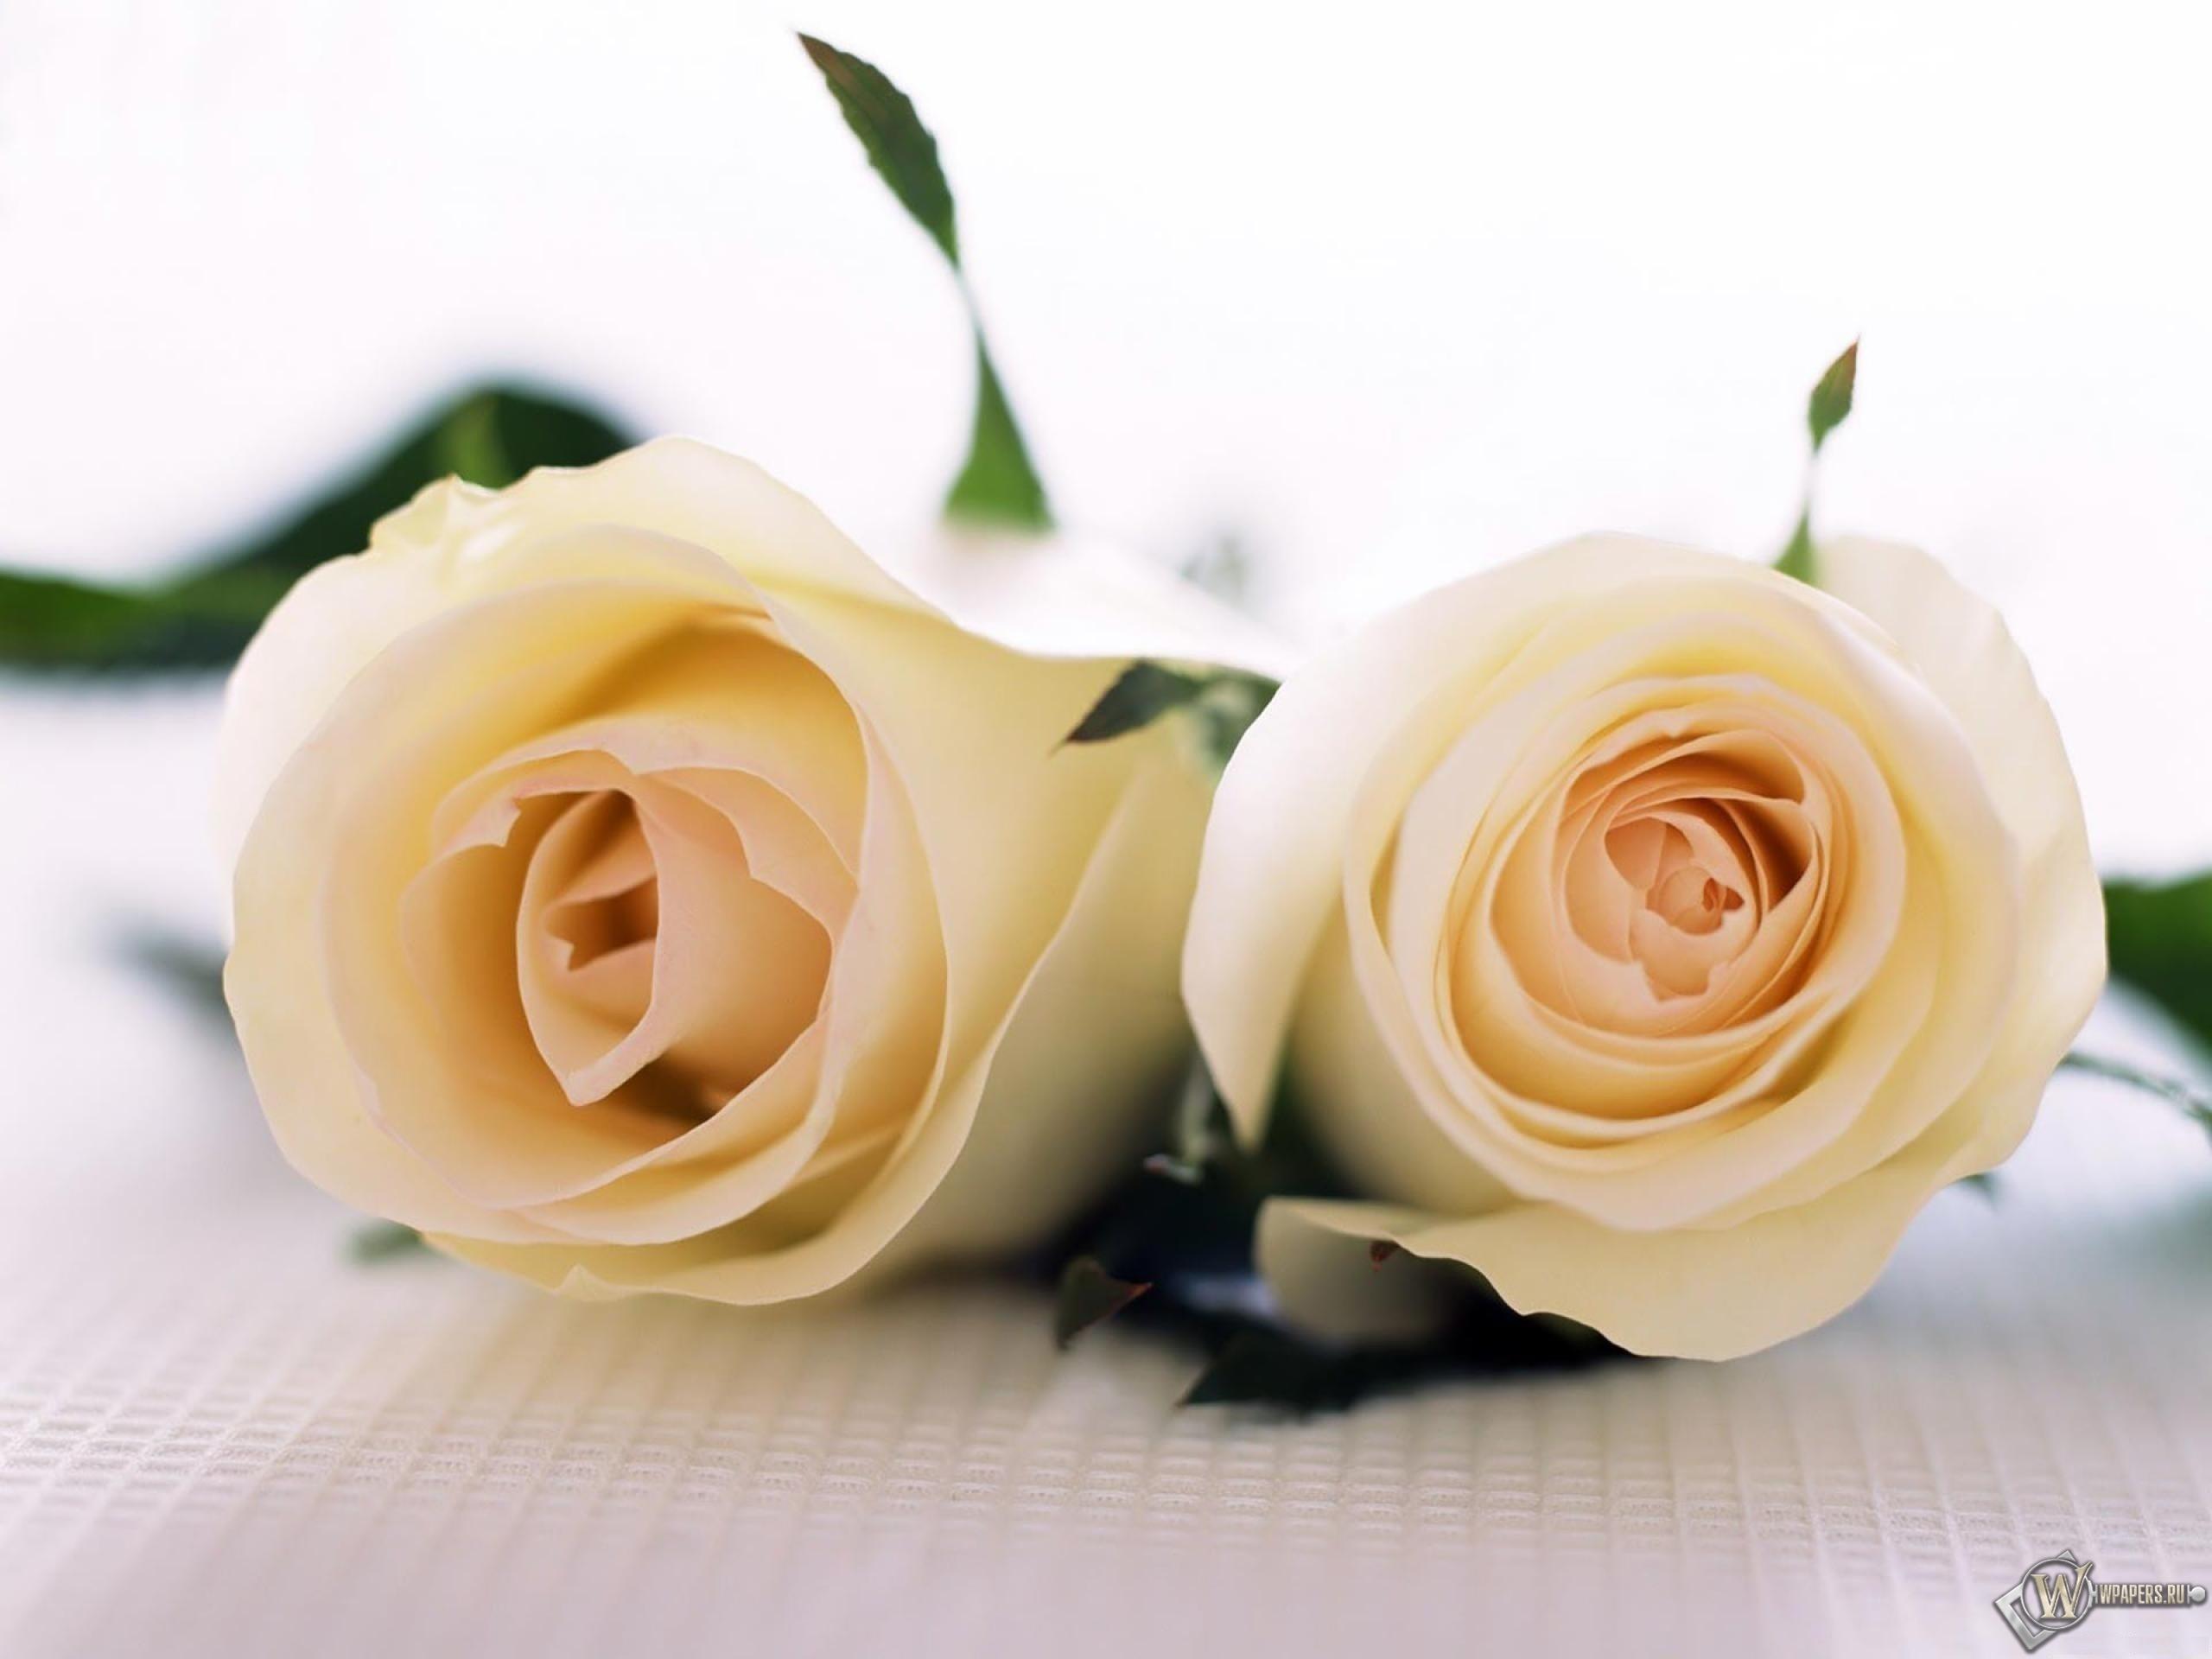 Две белые розы 2560x1920